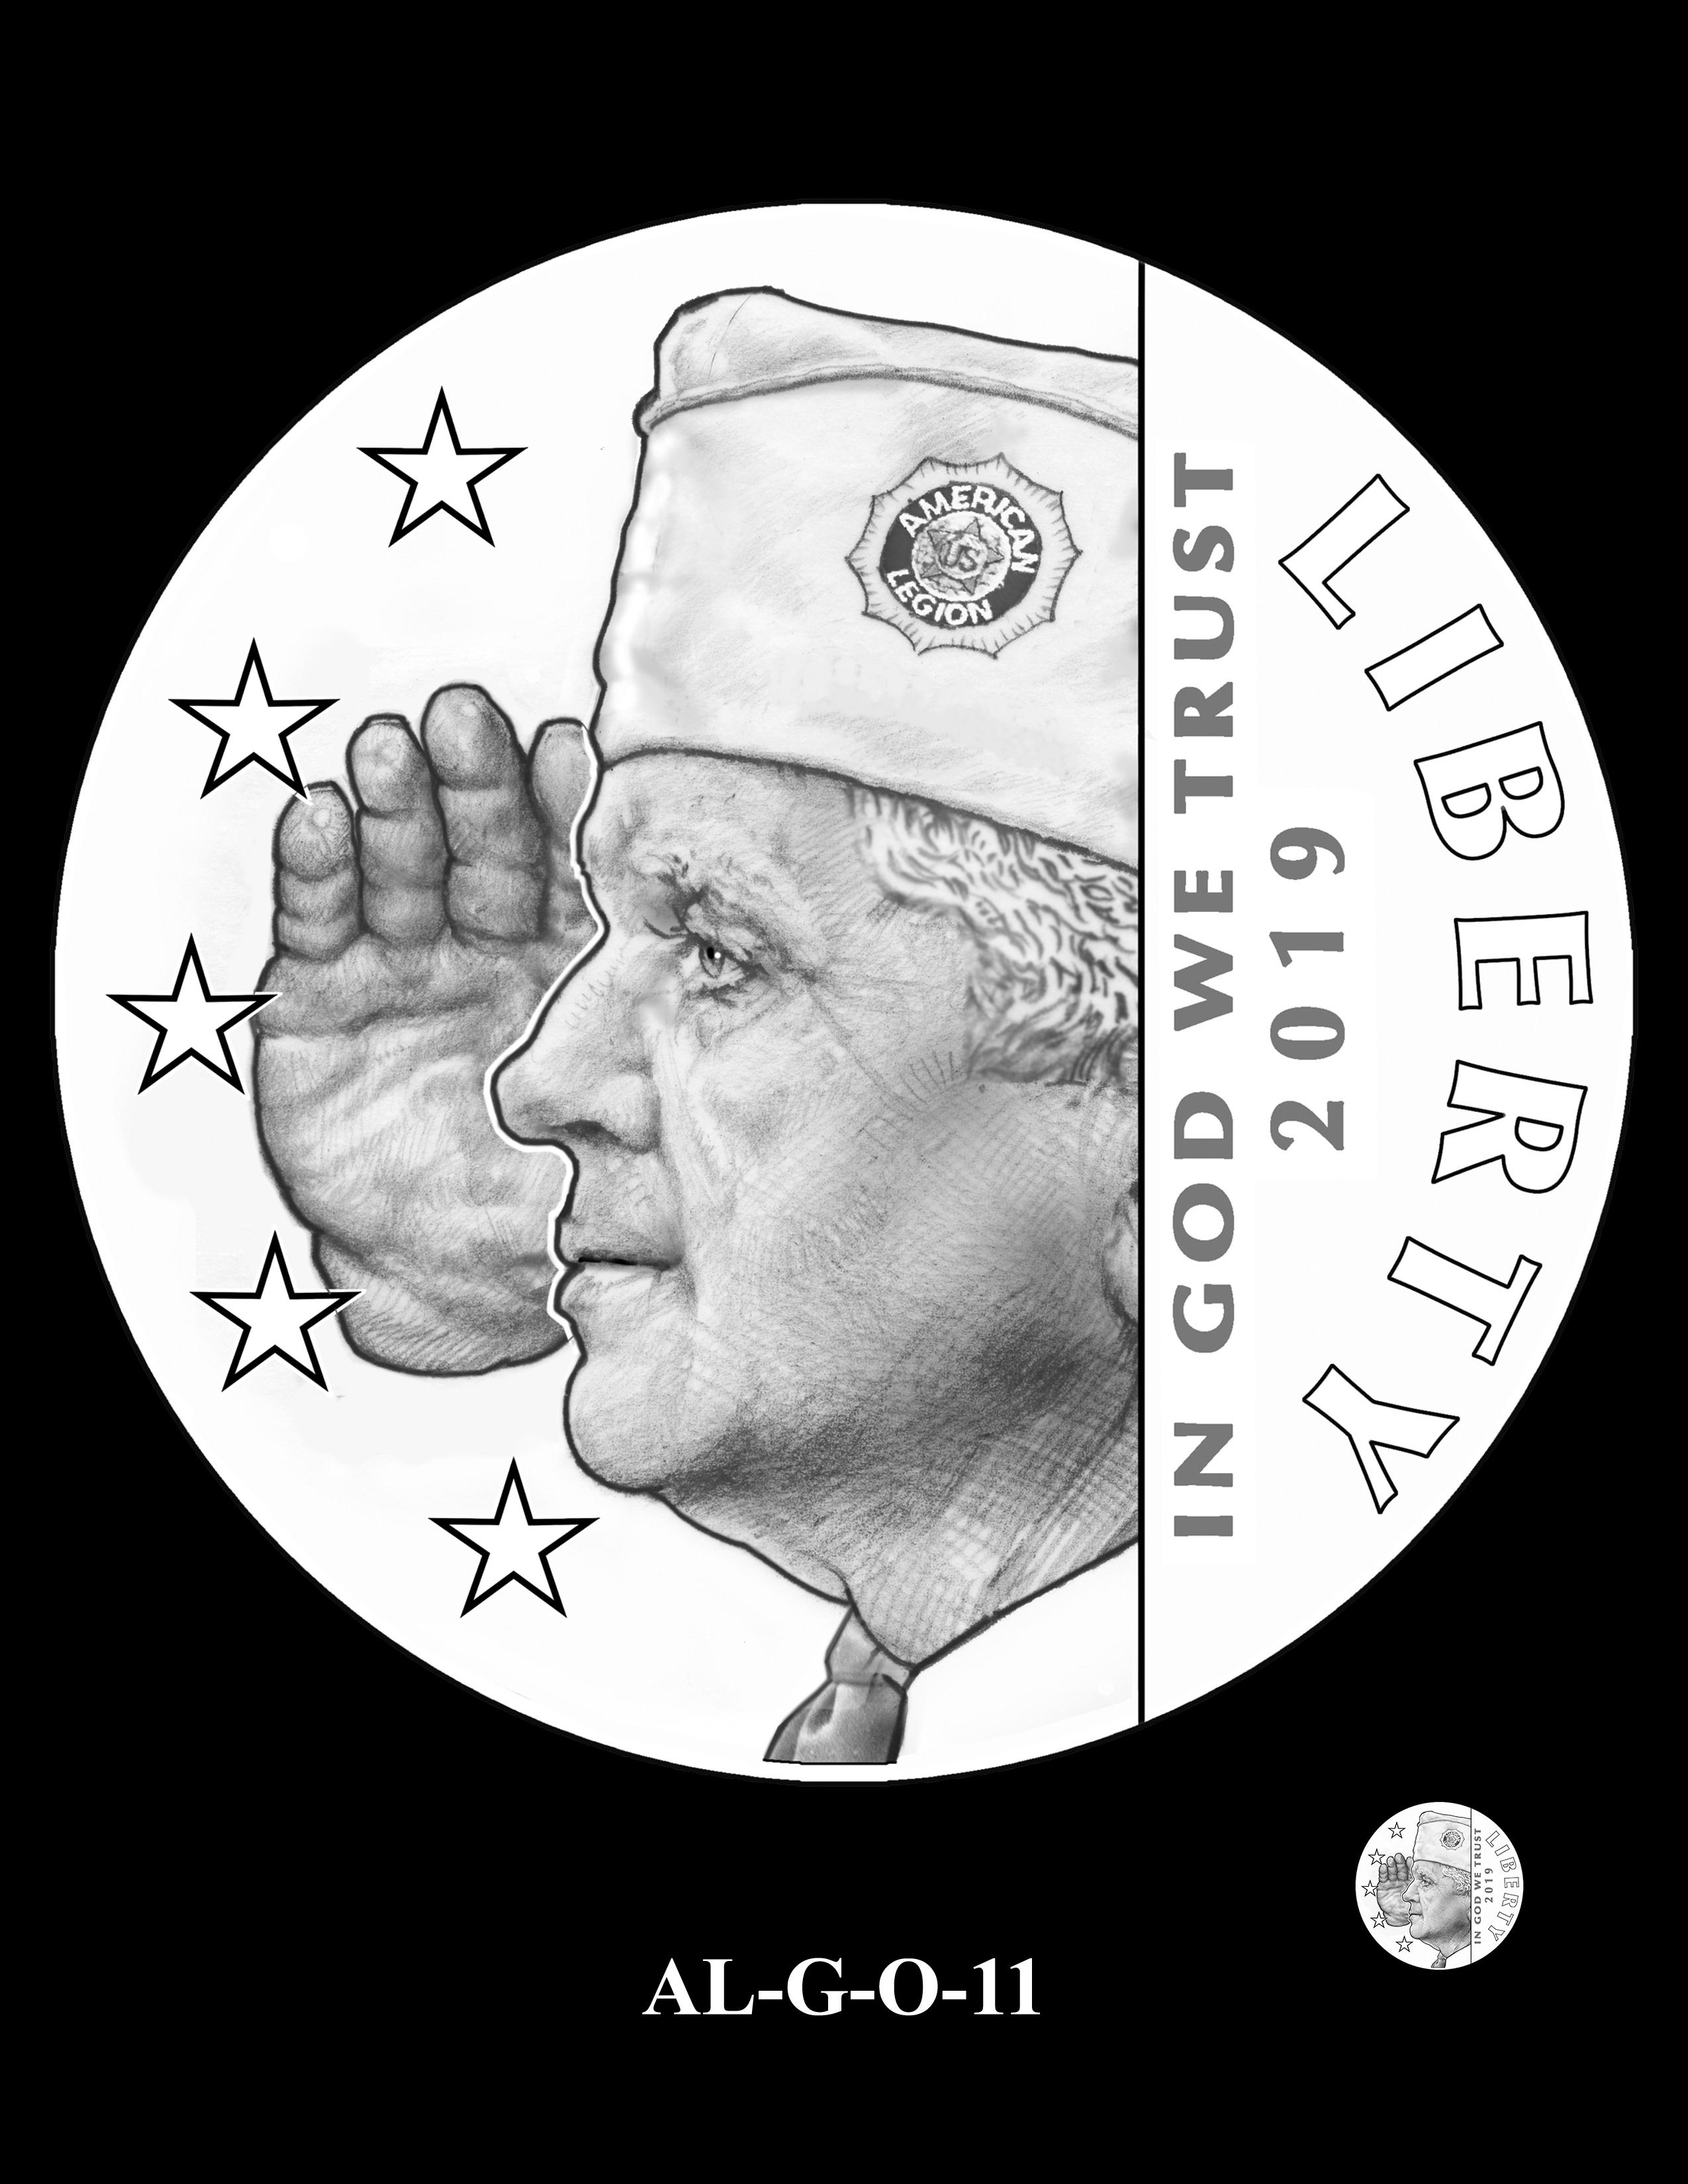 AL-G-O-11 -- 2019 American Legion 100th Anniversary Commemorative Coin Program - Gold Obverse